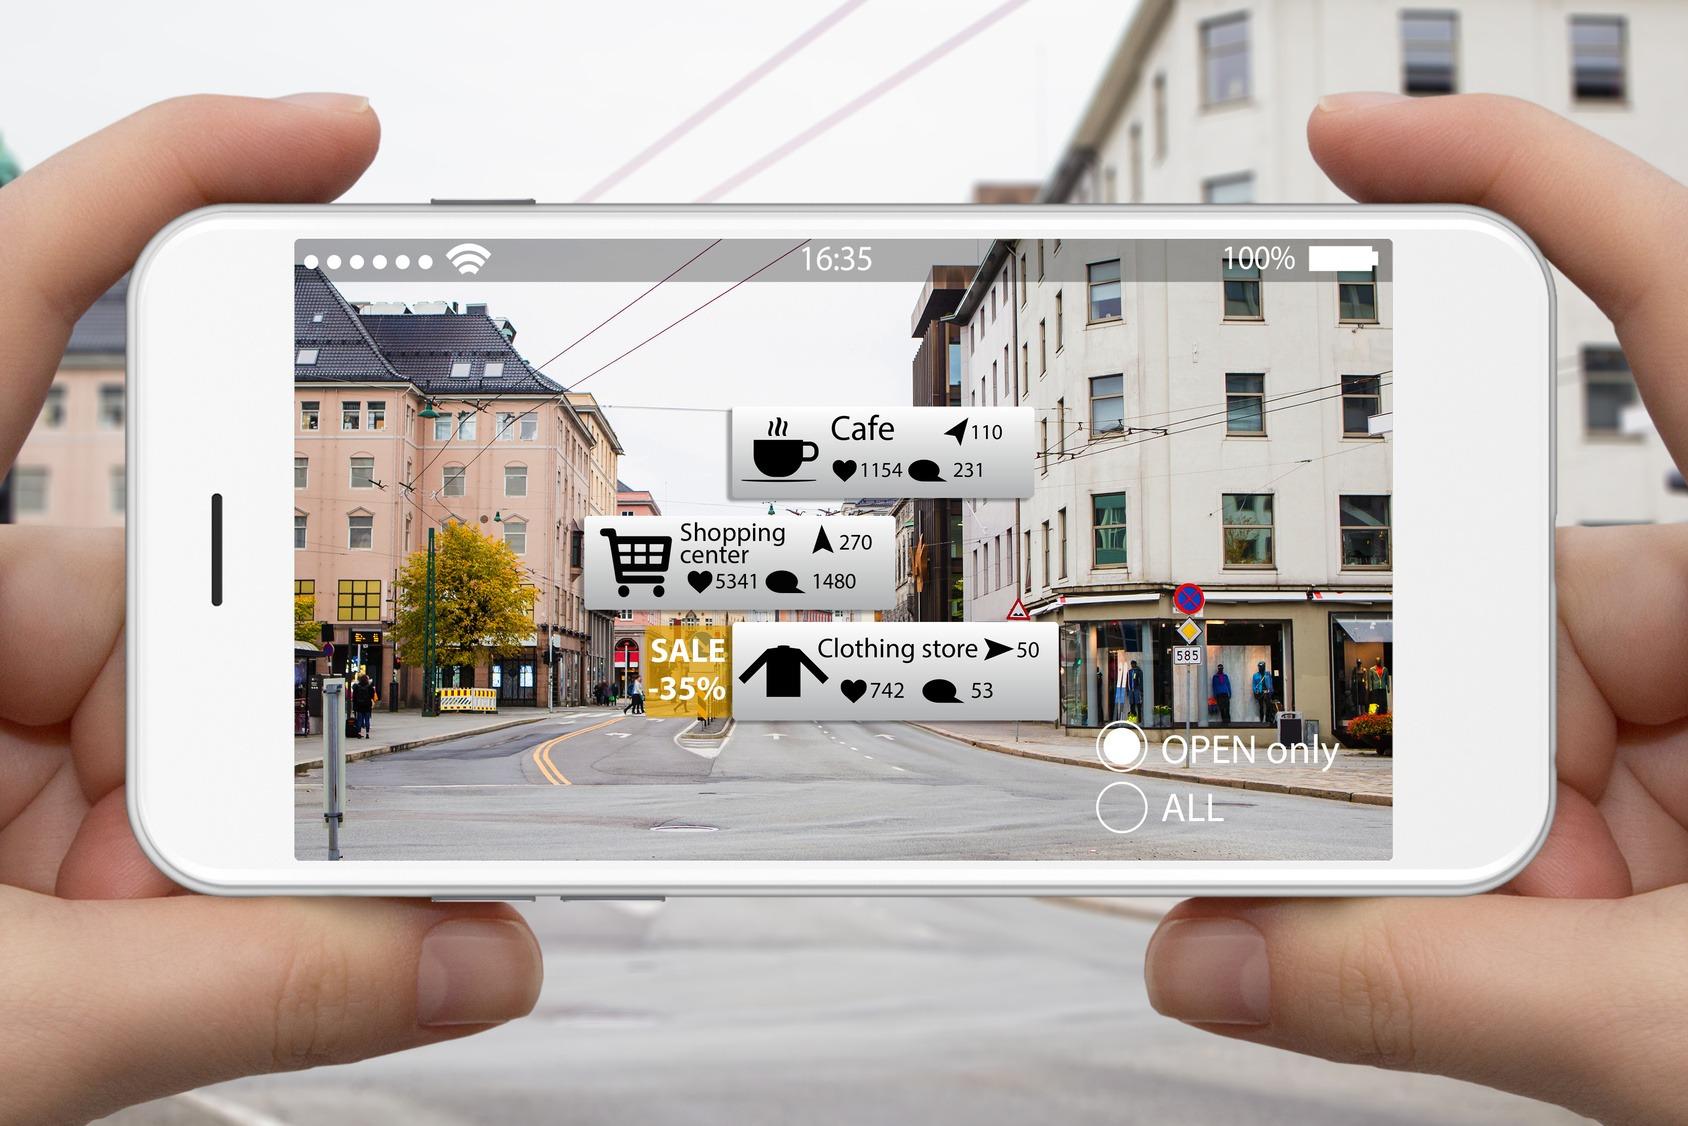 Ein Smartphone wird in Händen gehalten. Auf dem Display sieht man Echtzeitinformationen zu verschieden Geschäften und Attraktionen.